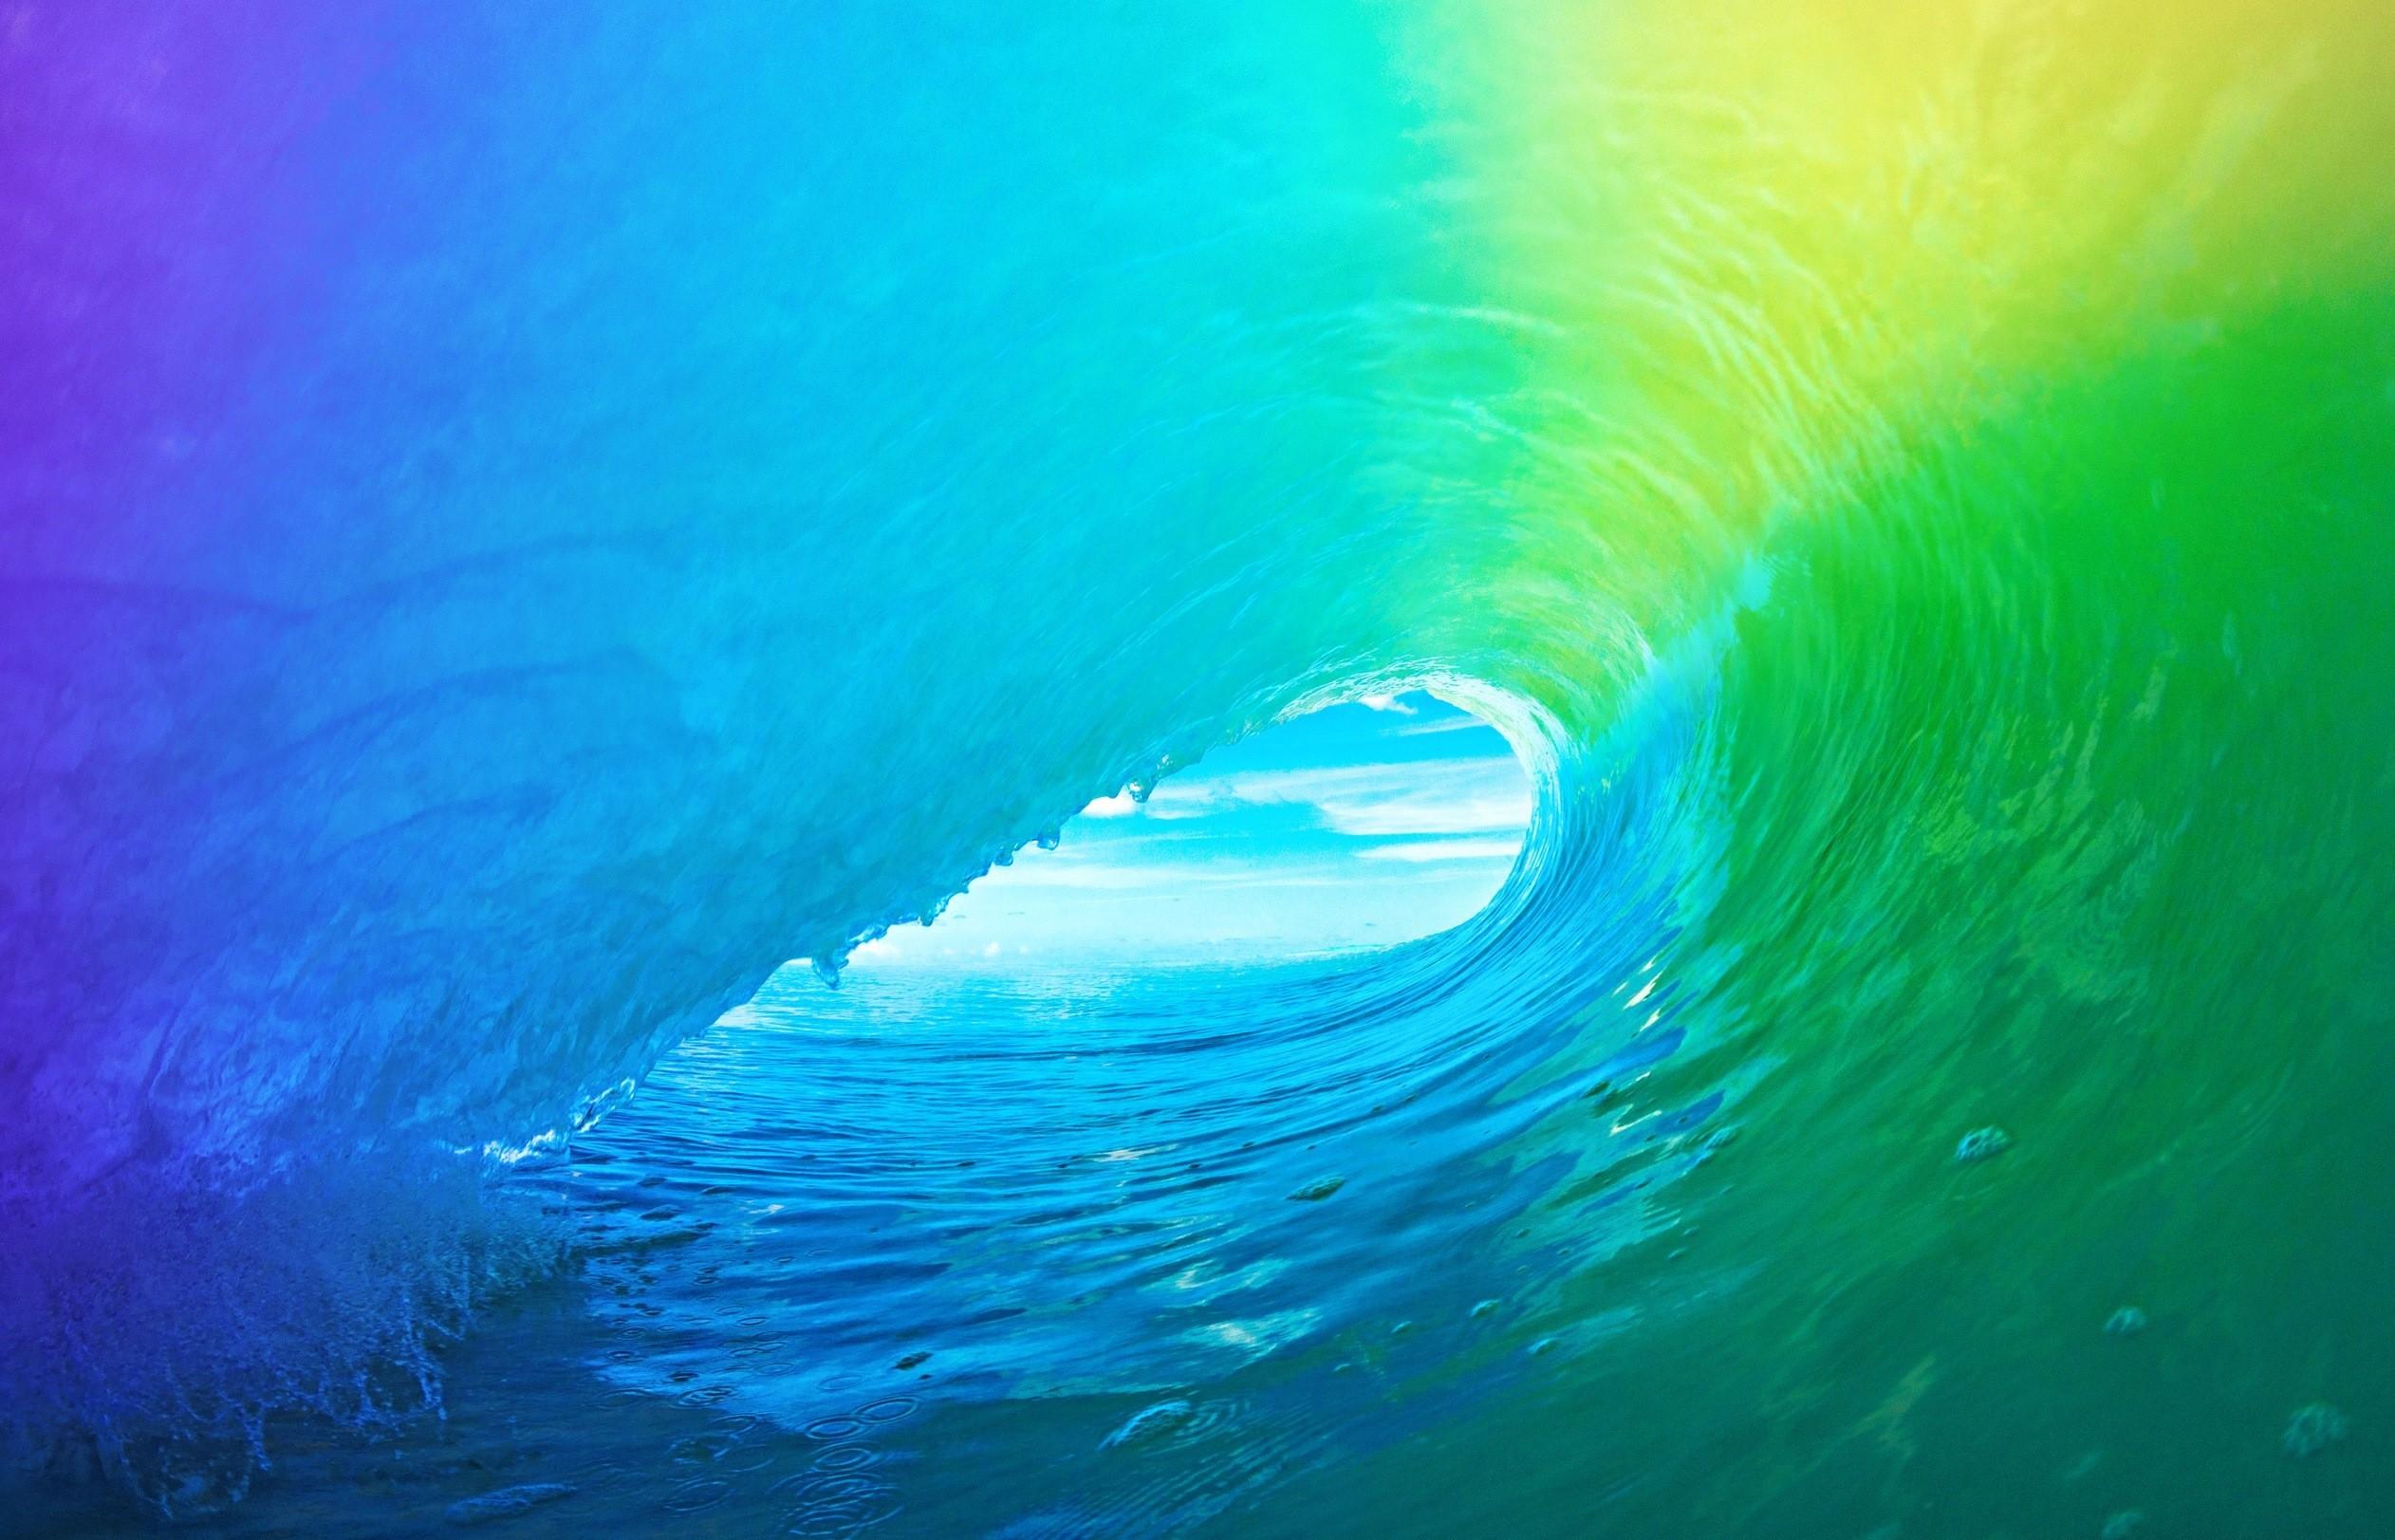 Sfondi Luce Del Sole Colorato Acqua Verde Blu Subacqueo I